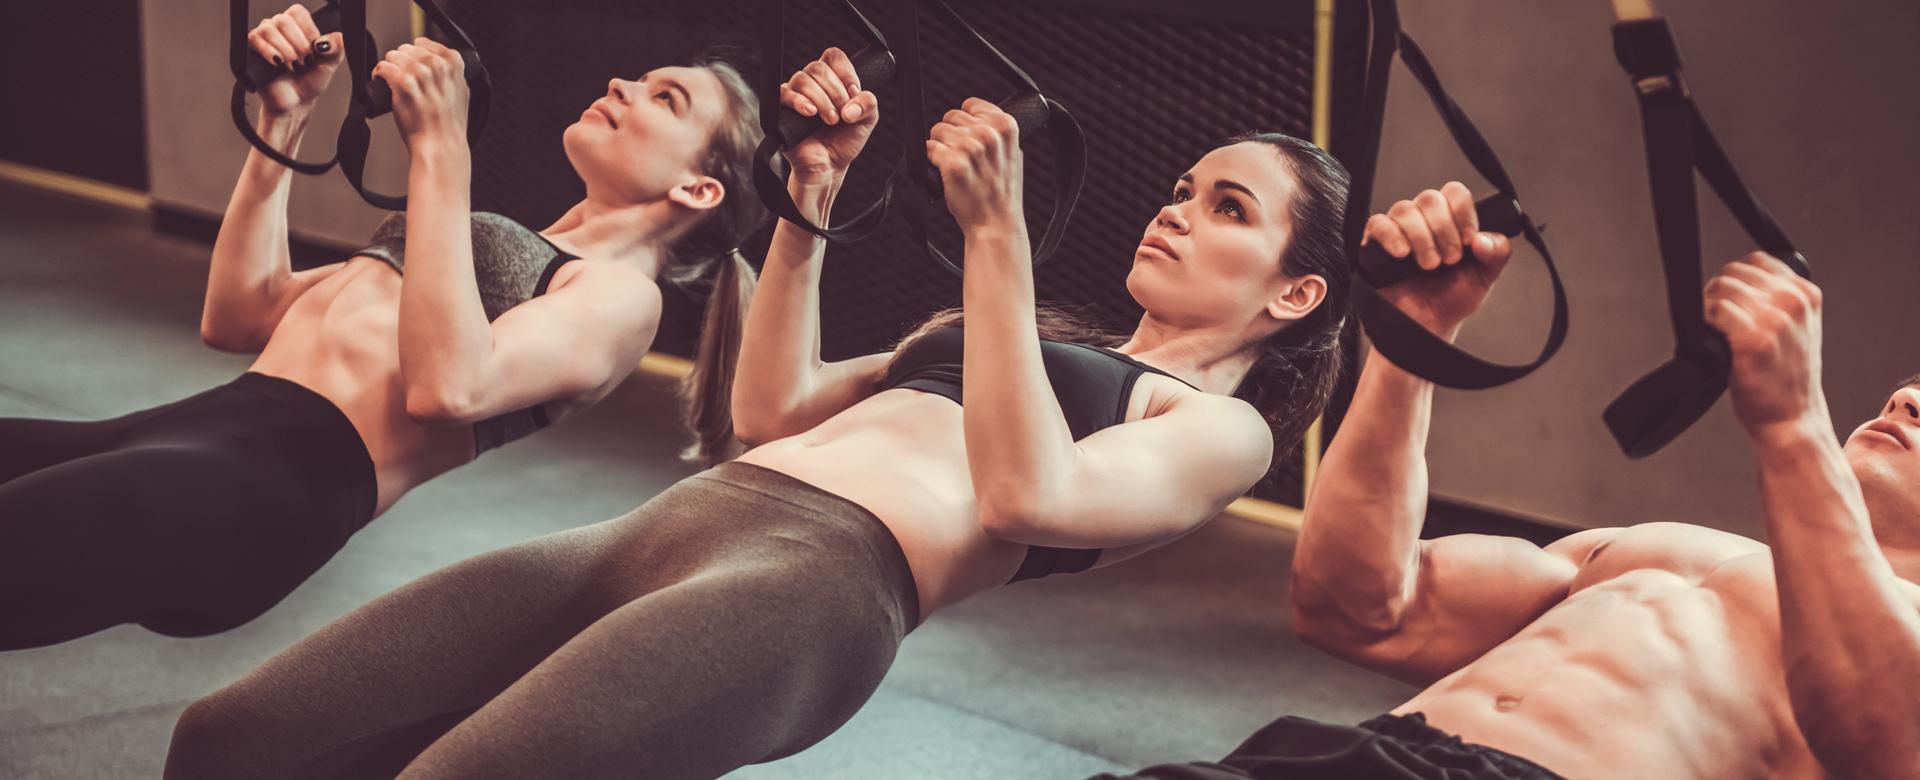 Quels sont les intérêts des exercices de traction pour une femme?